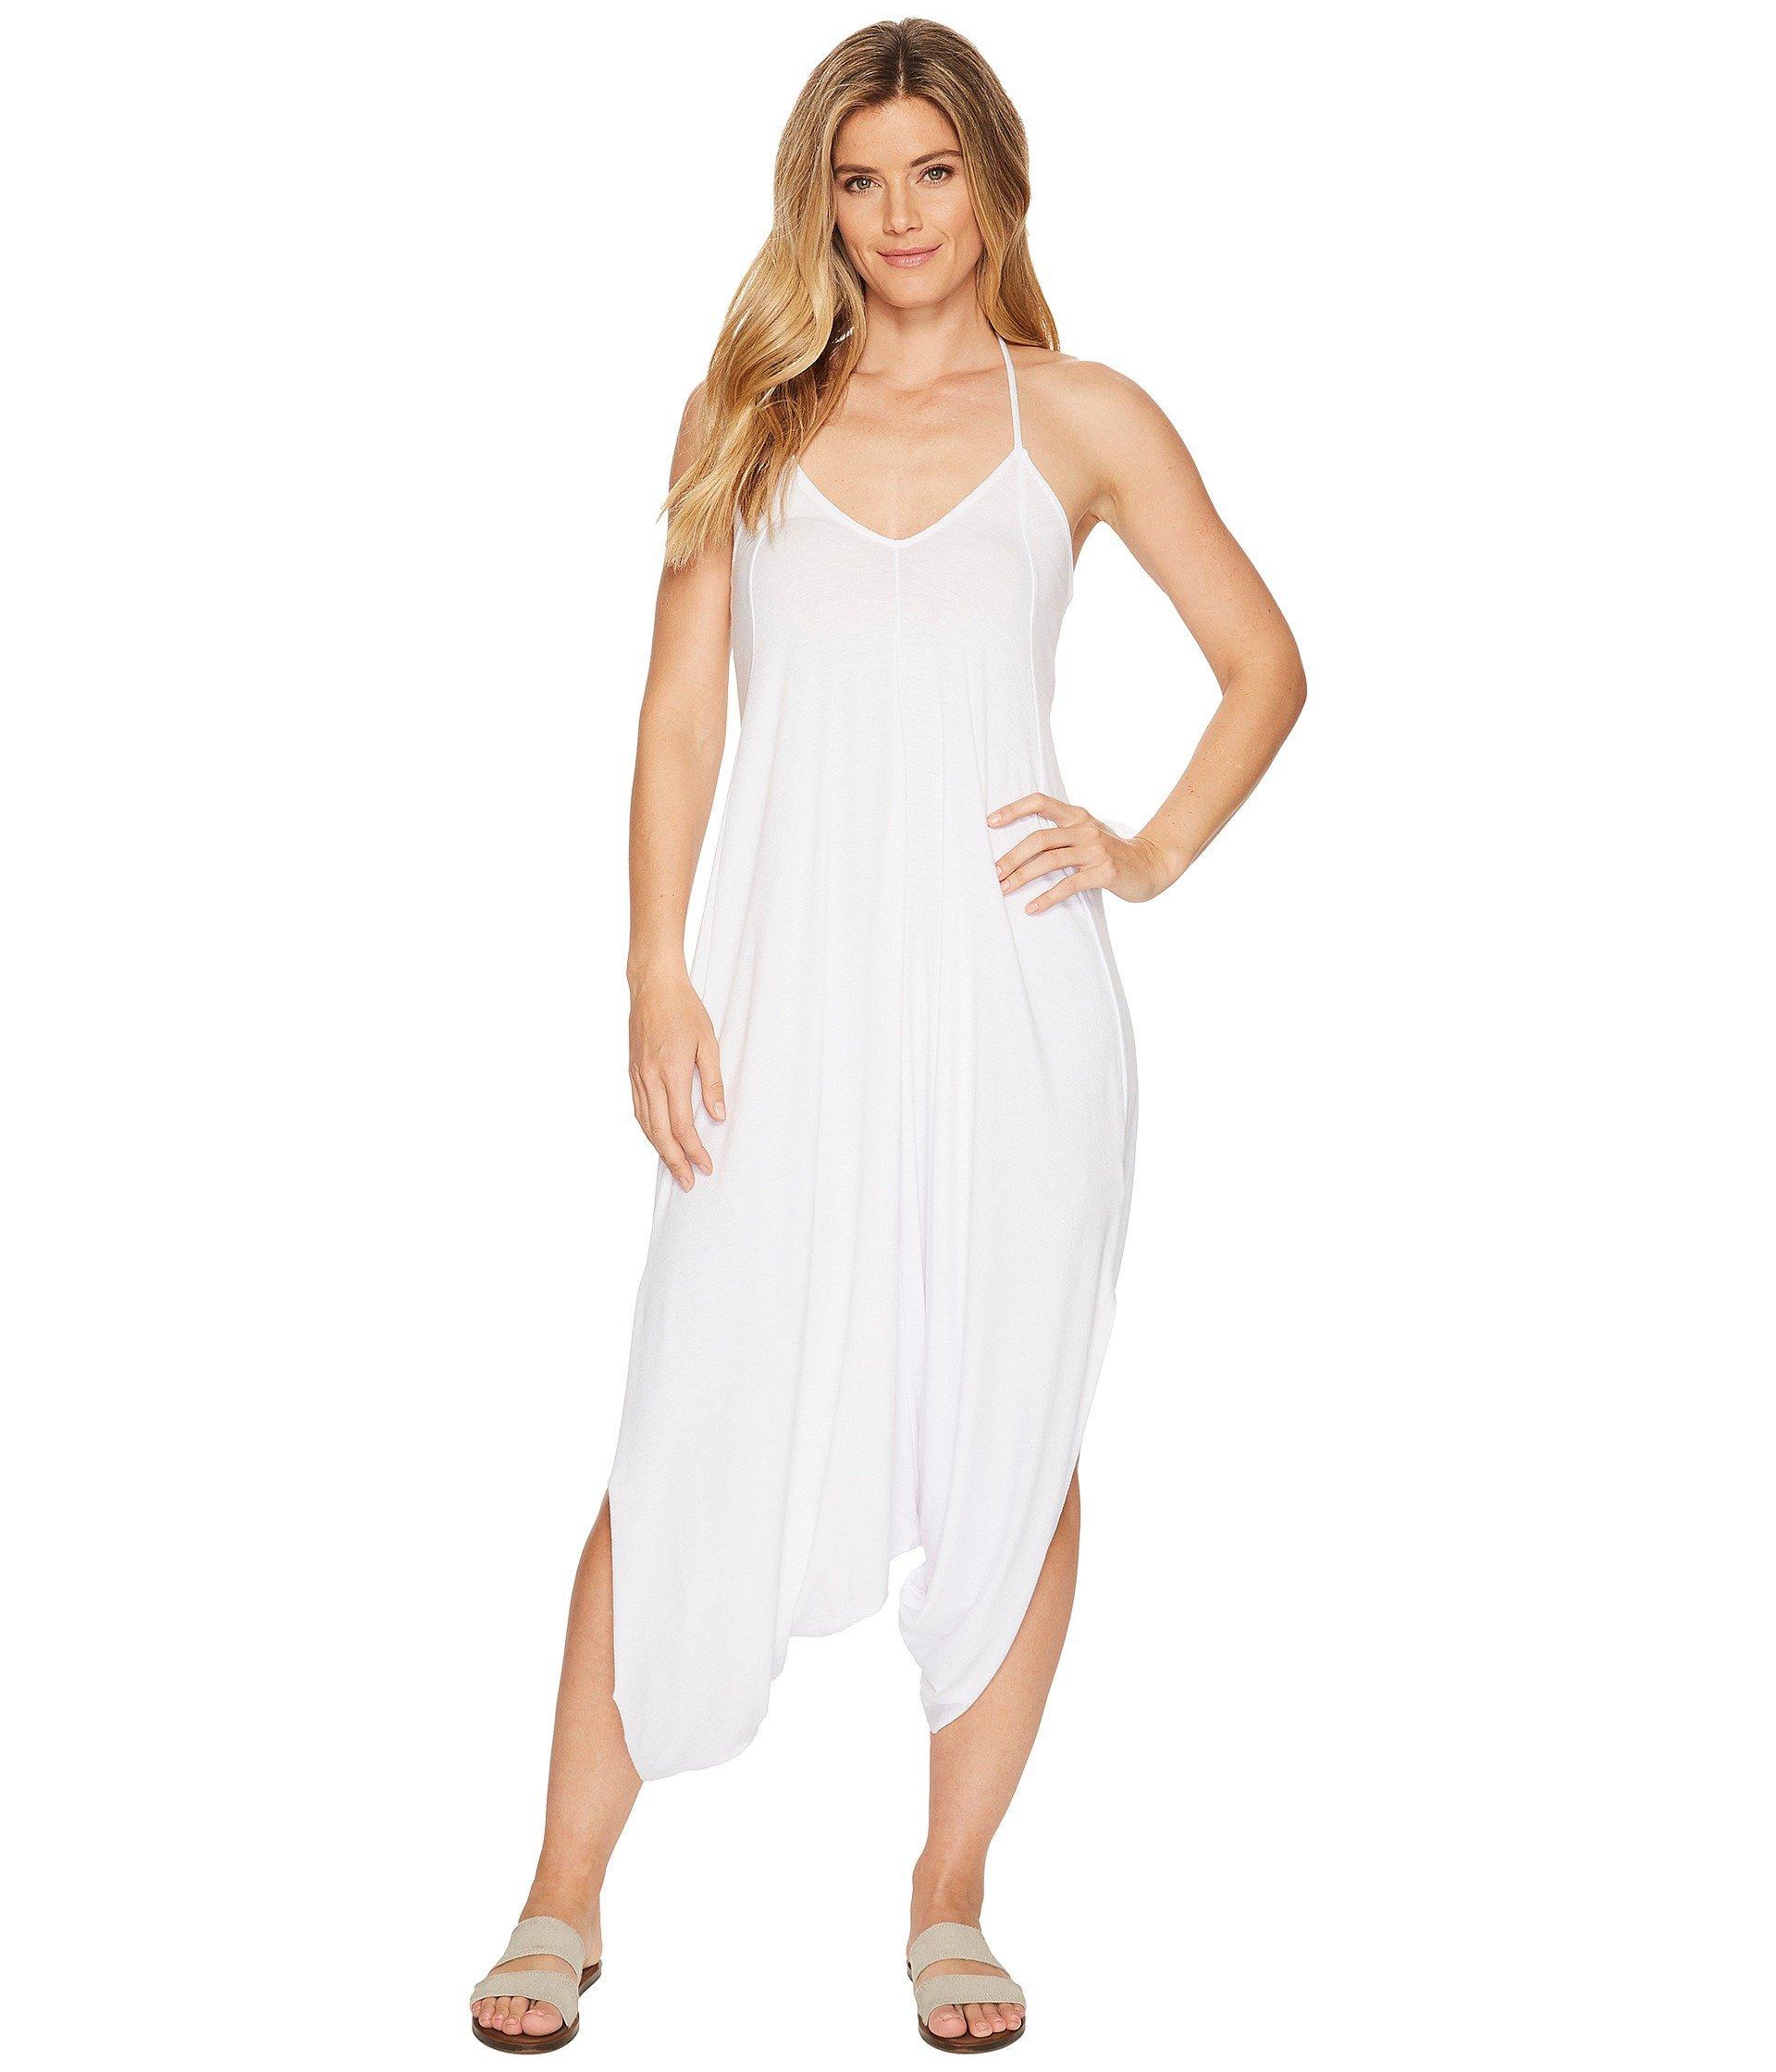 186bbe325d7 Lyst - Onzie Bridal Tica Romper in White - Save 45%